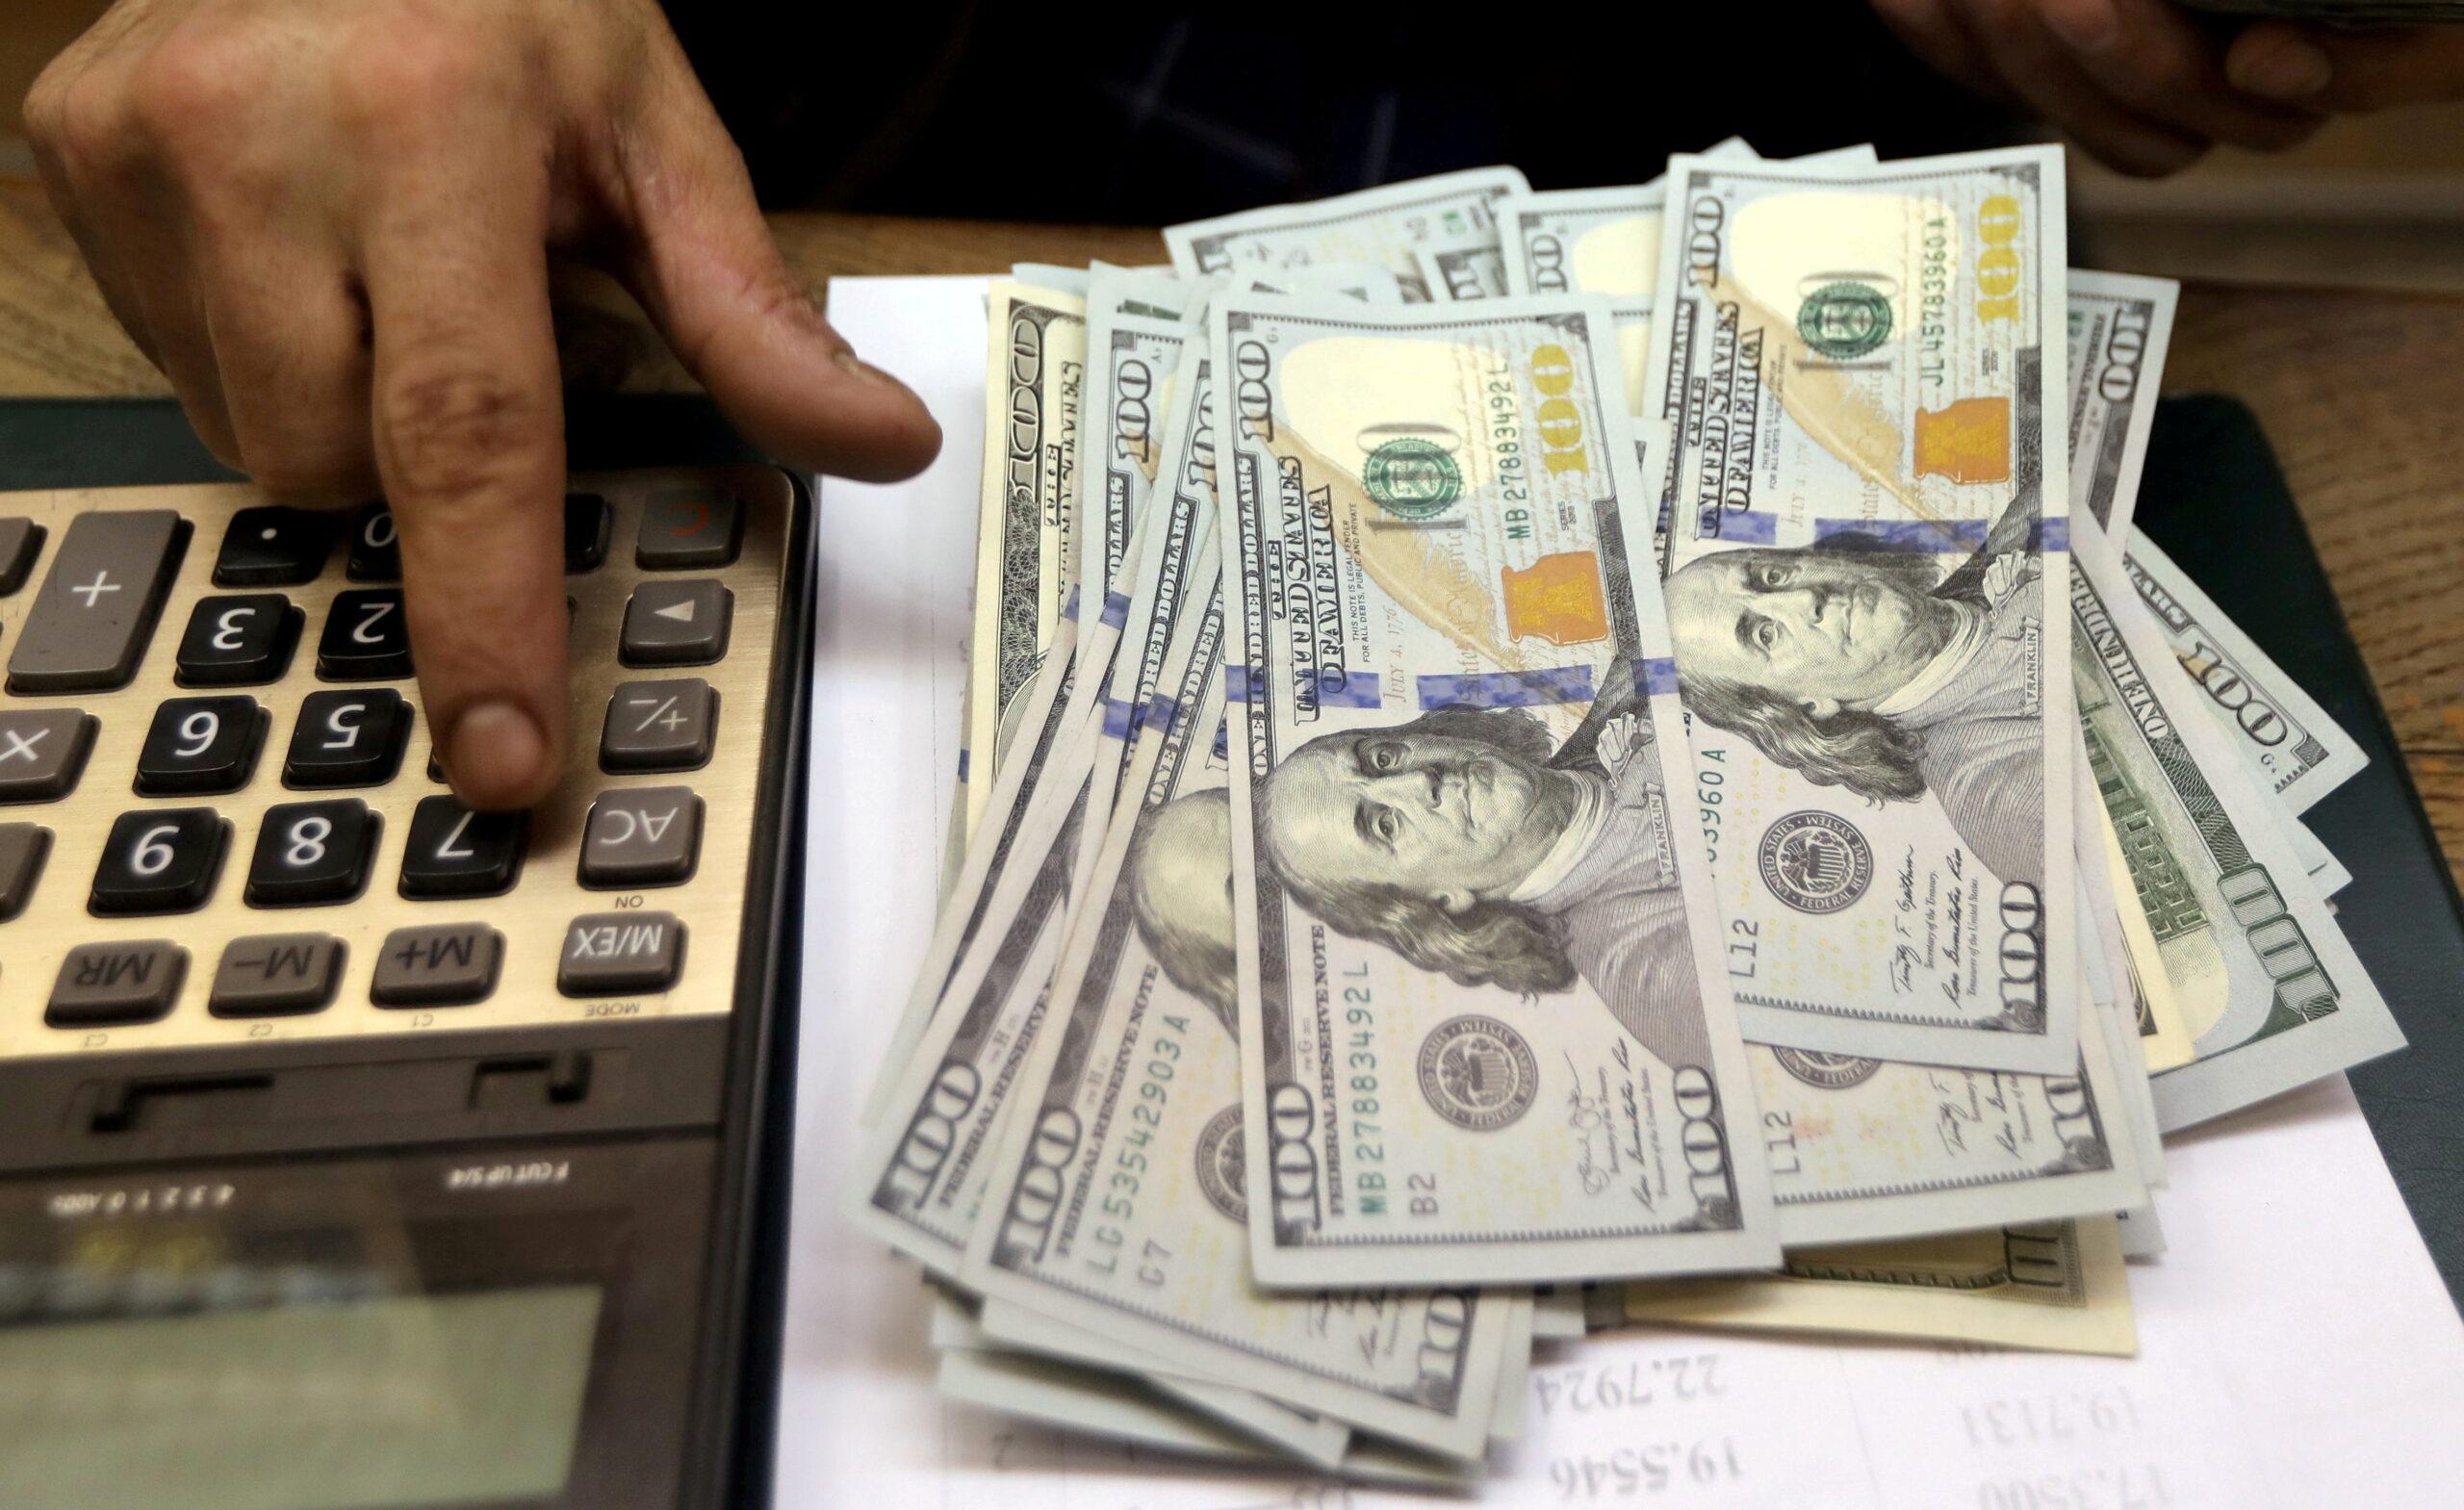 Notas de dólares em cima de uma mesa